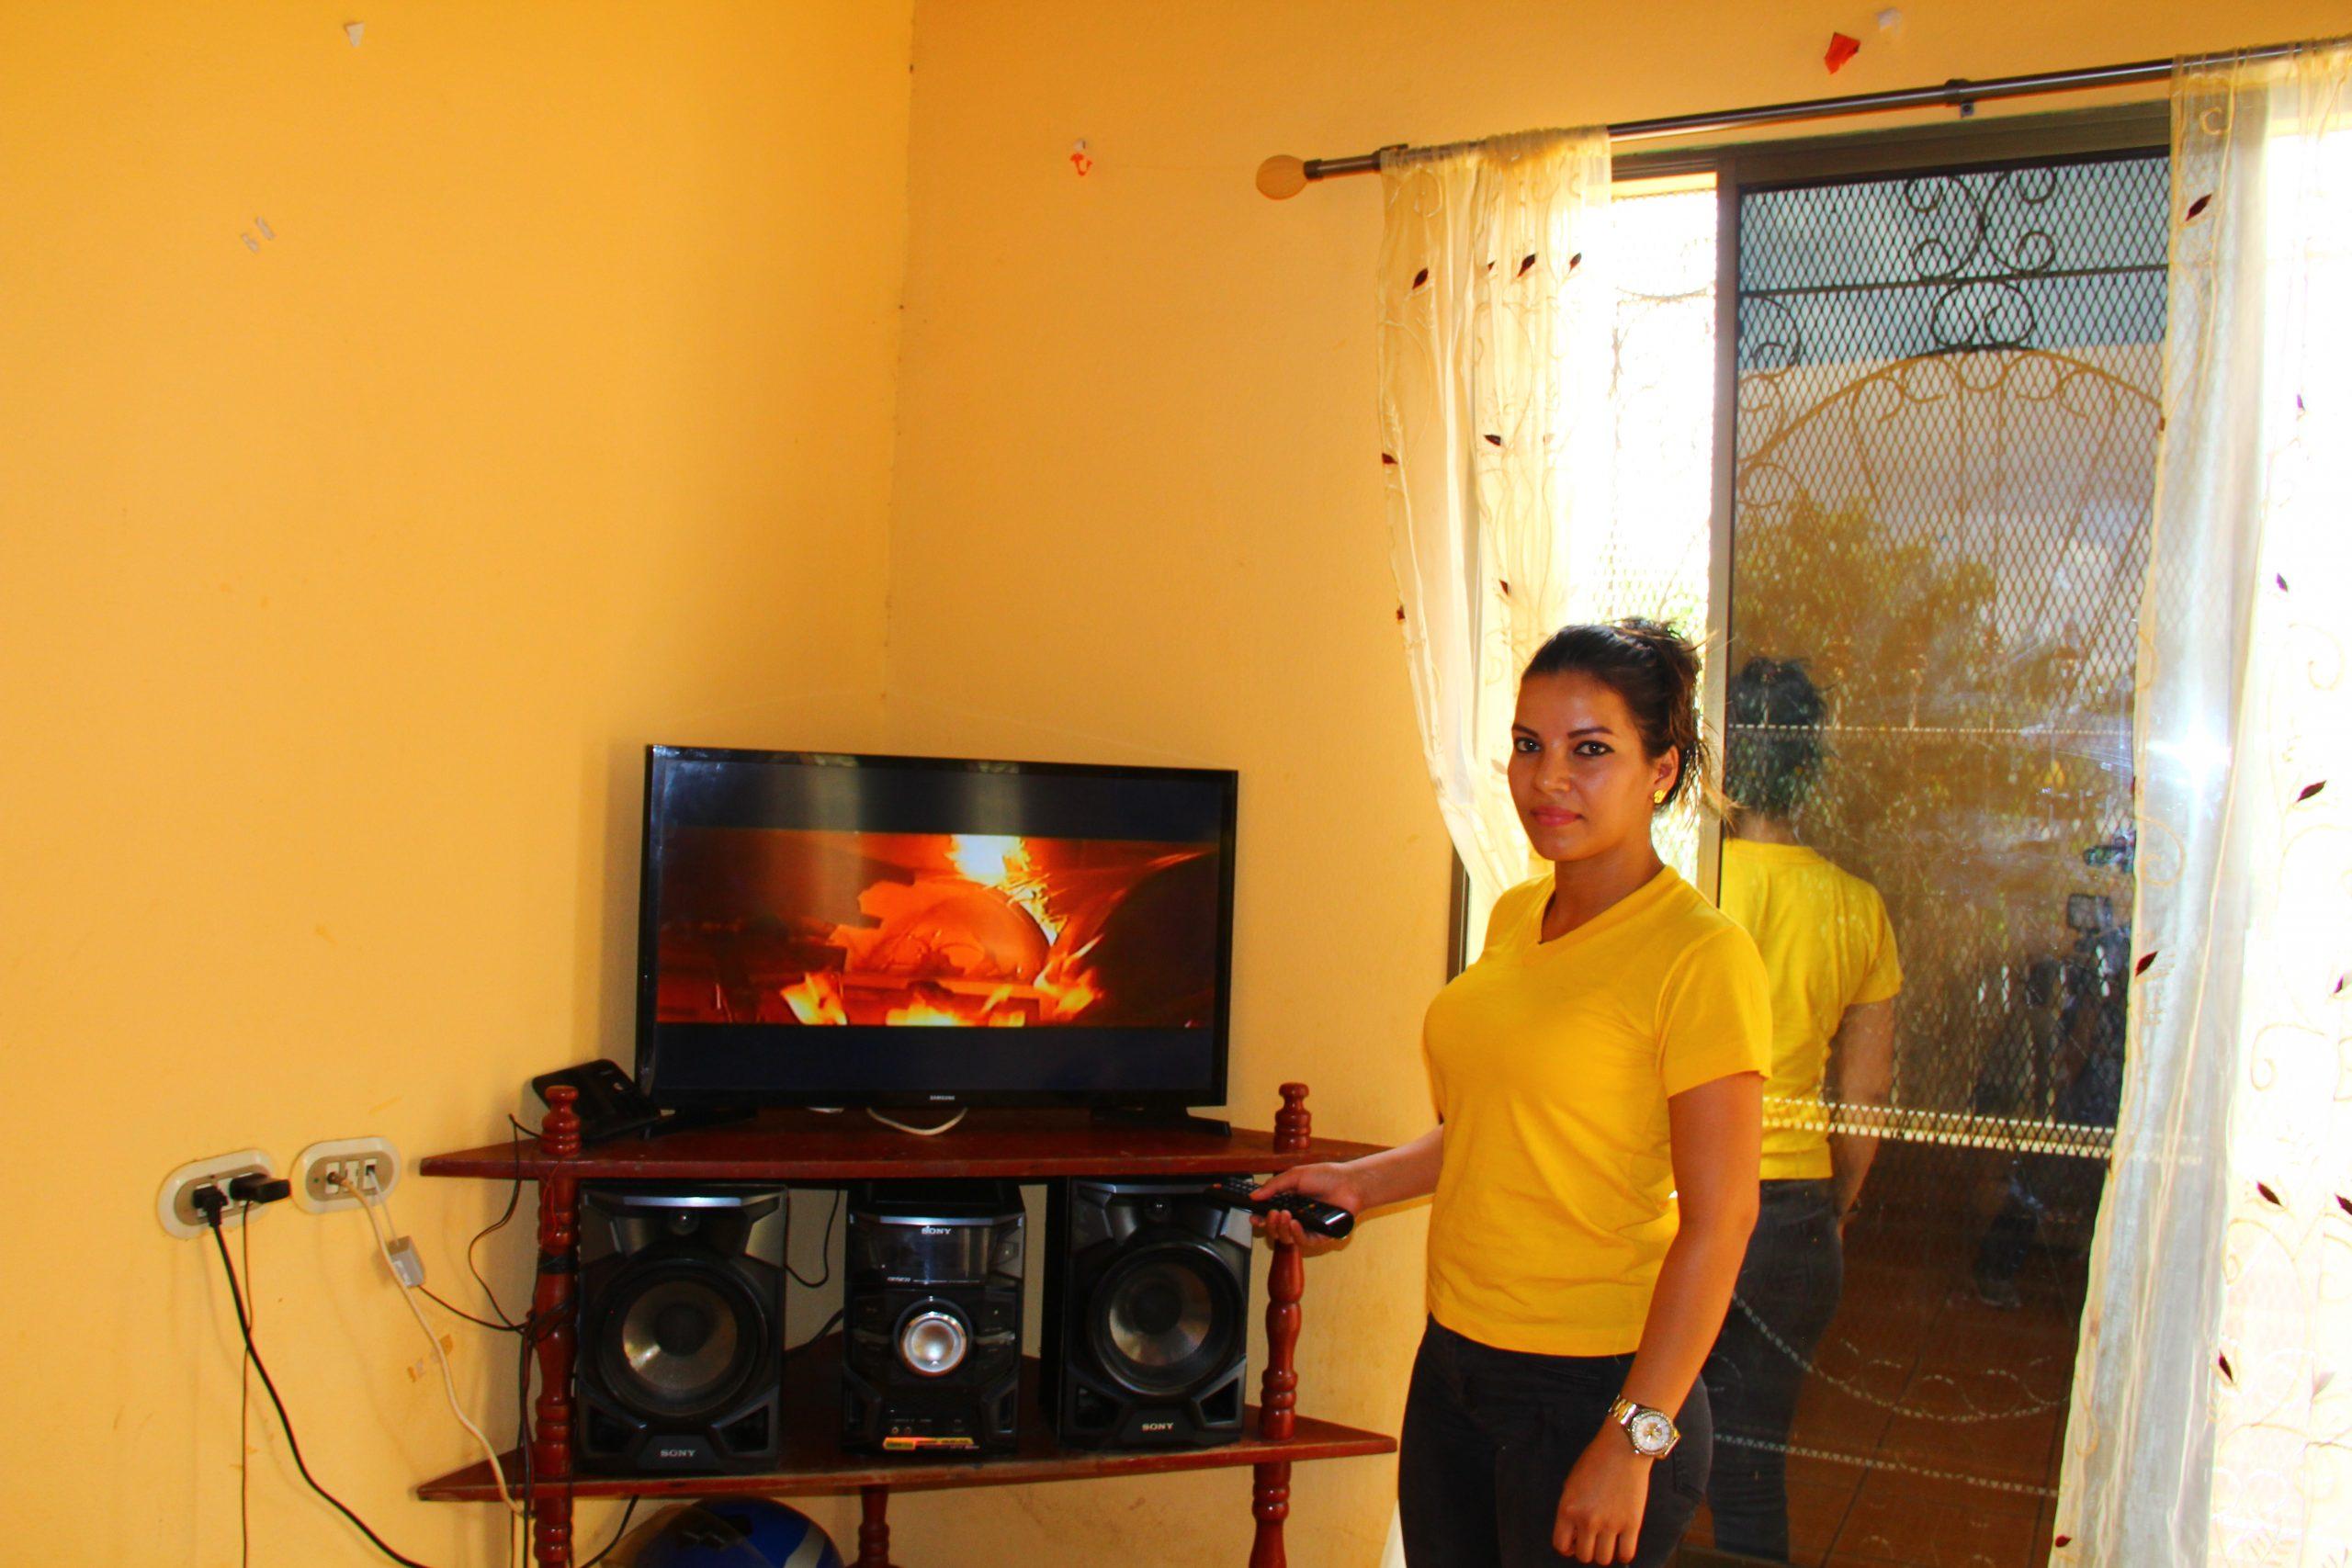 Más comunidades de Siuna con acceso a energía eléctrica Managua. Radio La Primeisima